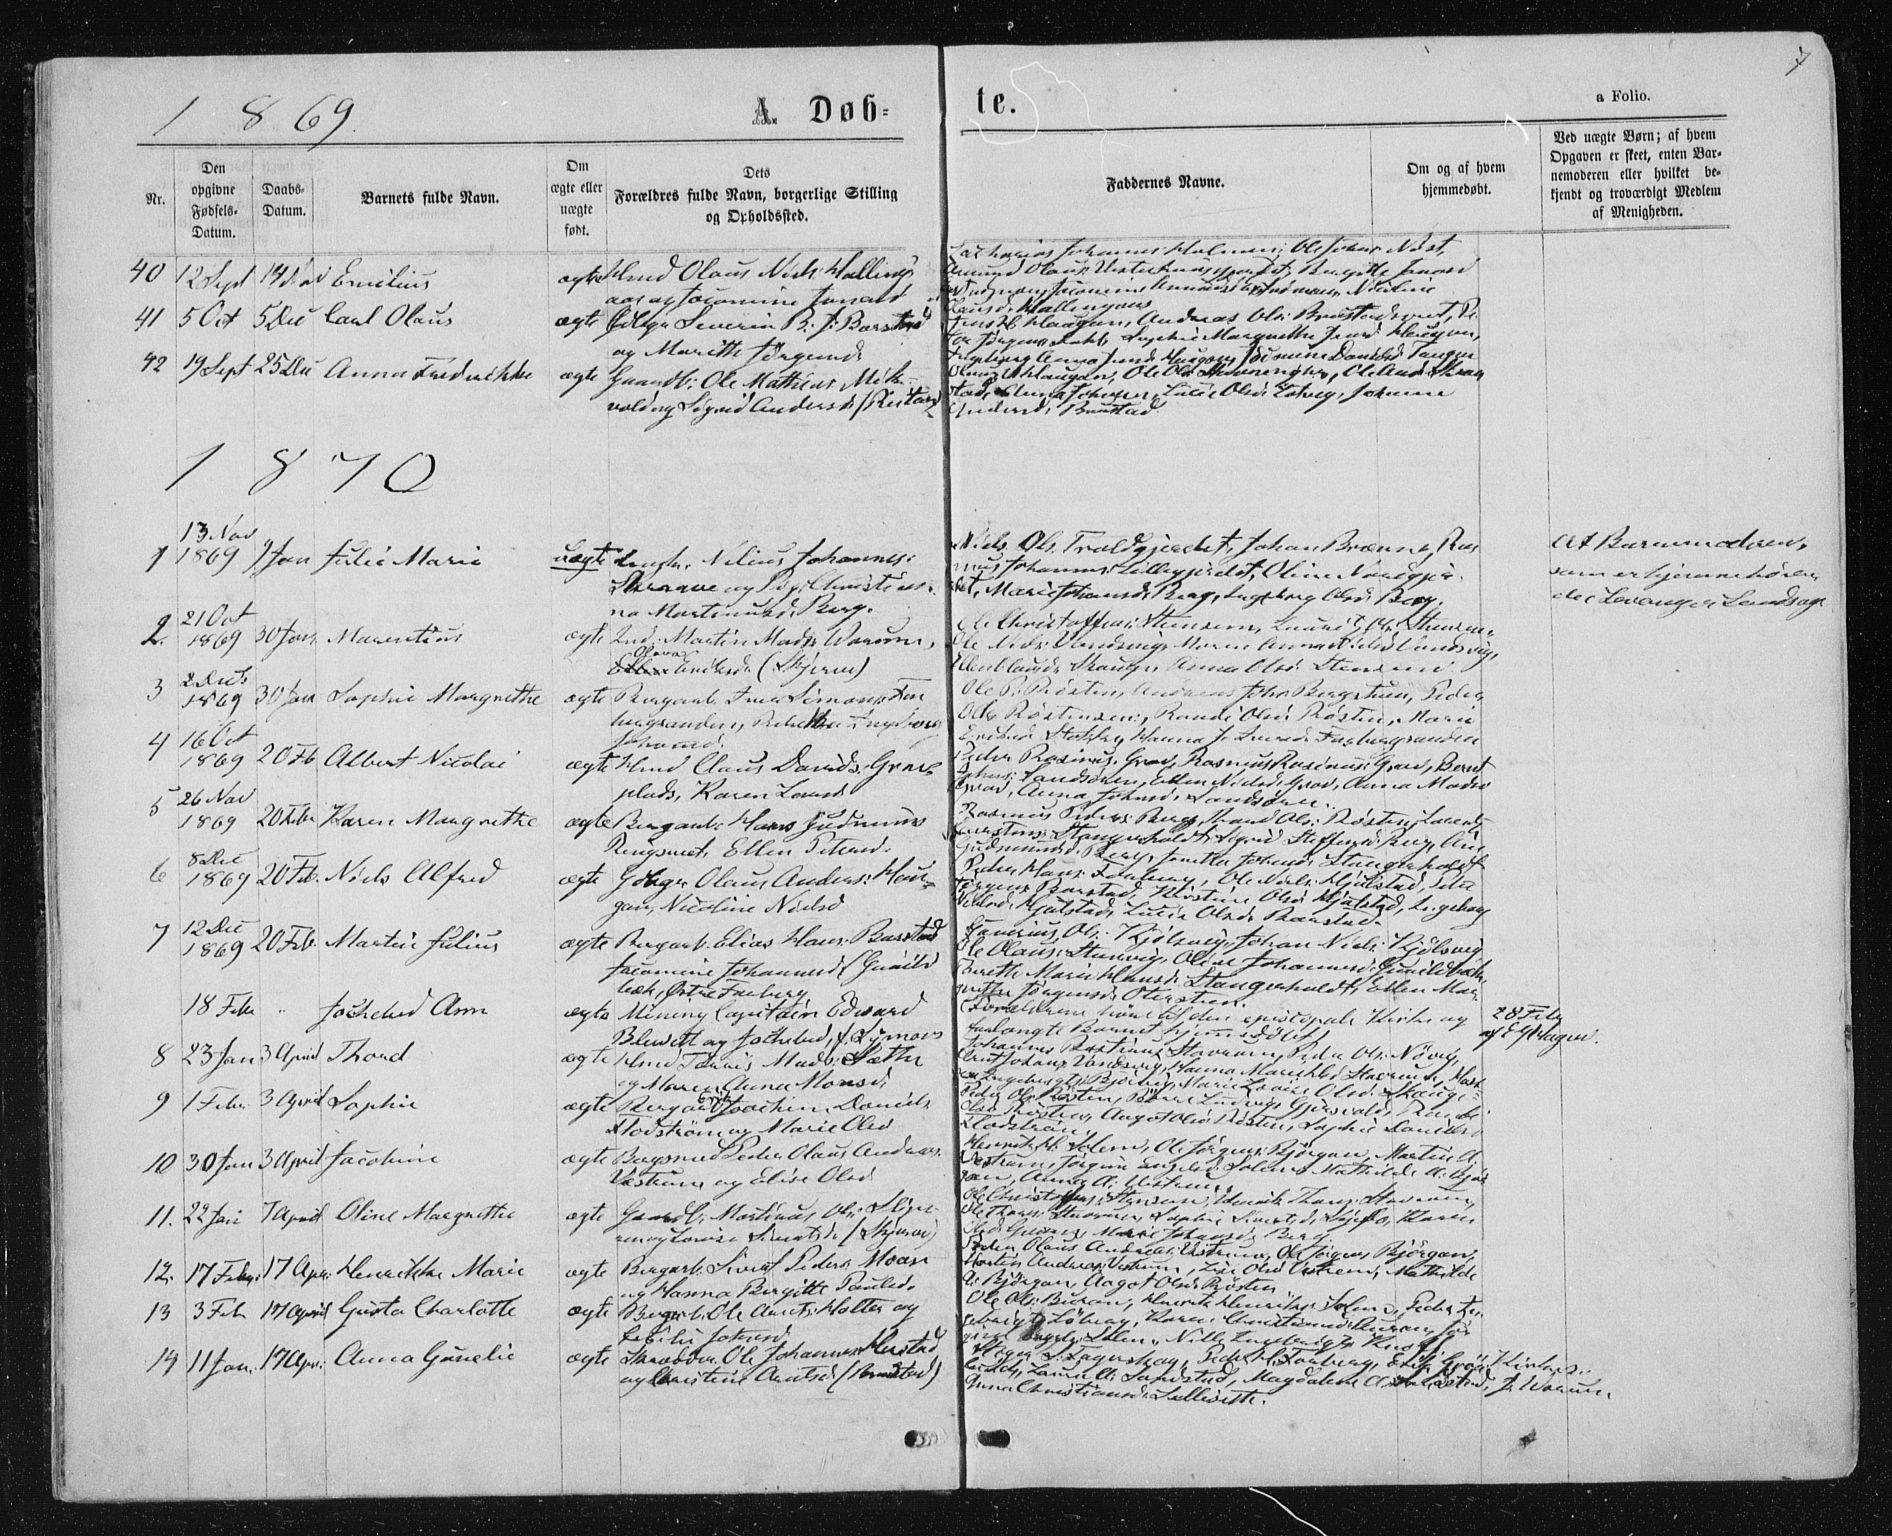 SAT, Ministerialprotokoller, klokkerbøker og fødselsregistre - Nord-Trøndelag, 722/L0219: Ministerialbok nr. 722A06, 1868-1880, s. 7